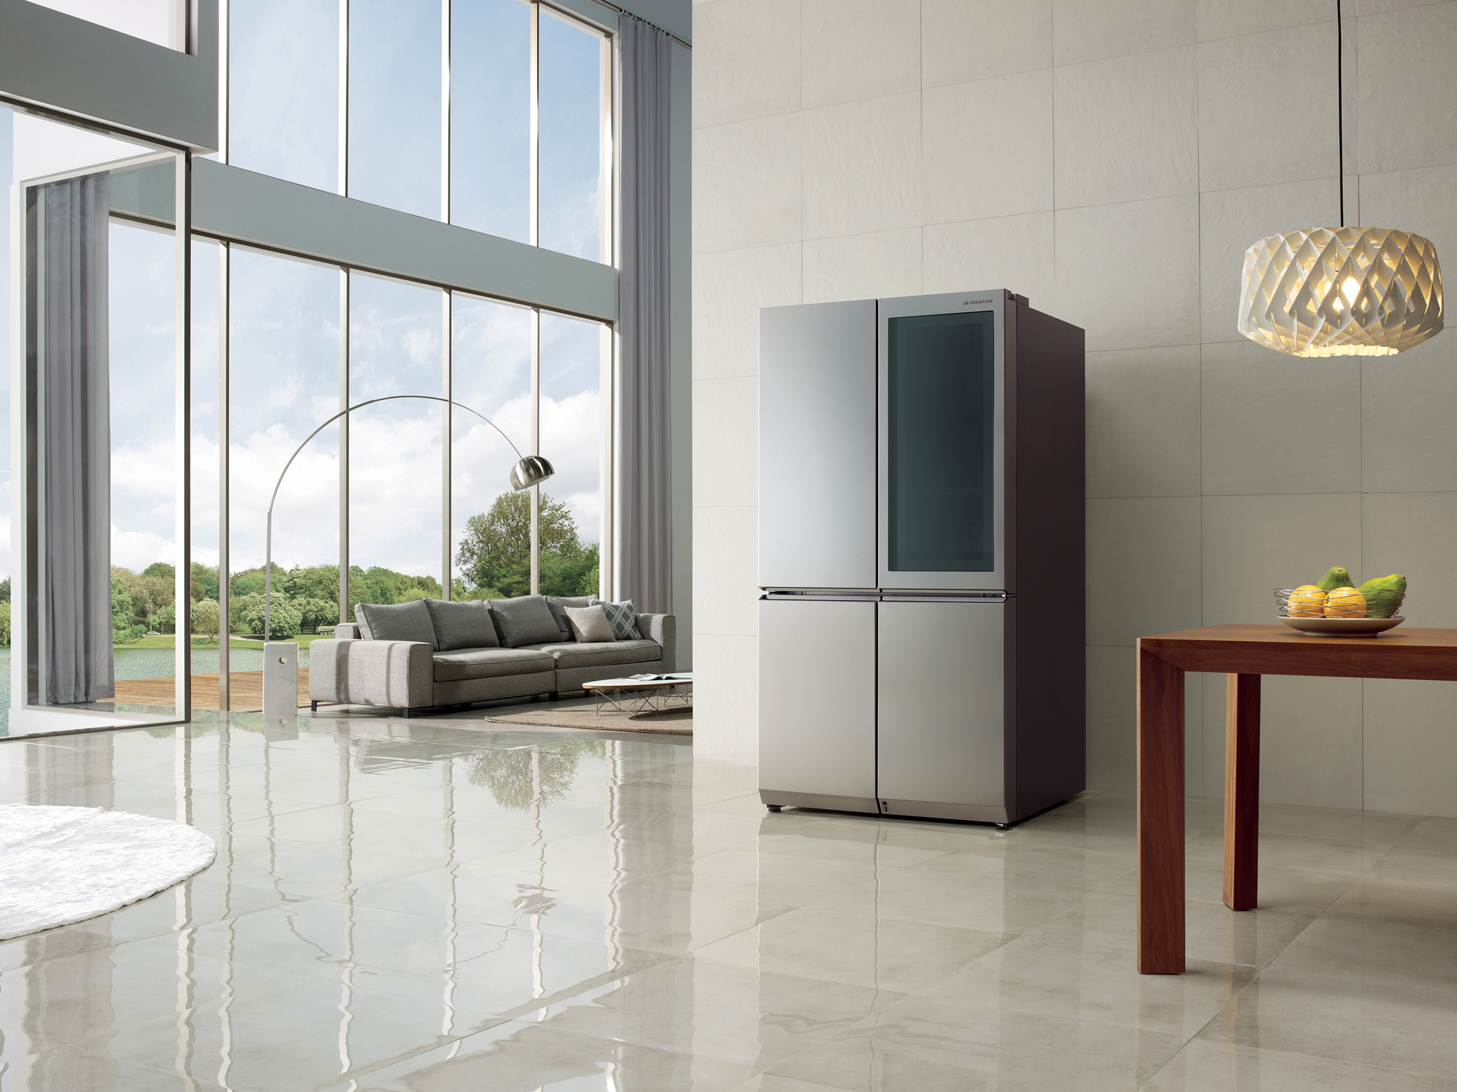 LG_냉장고3